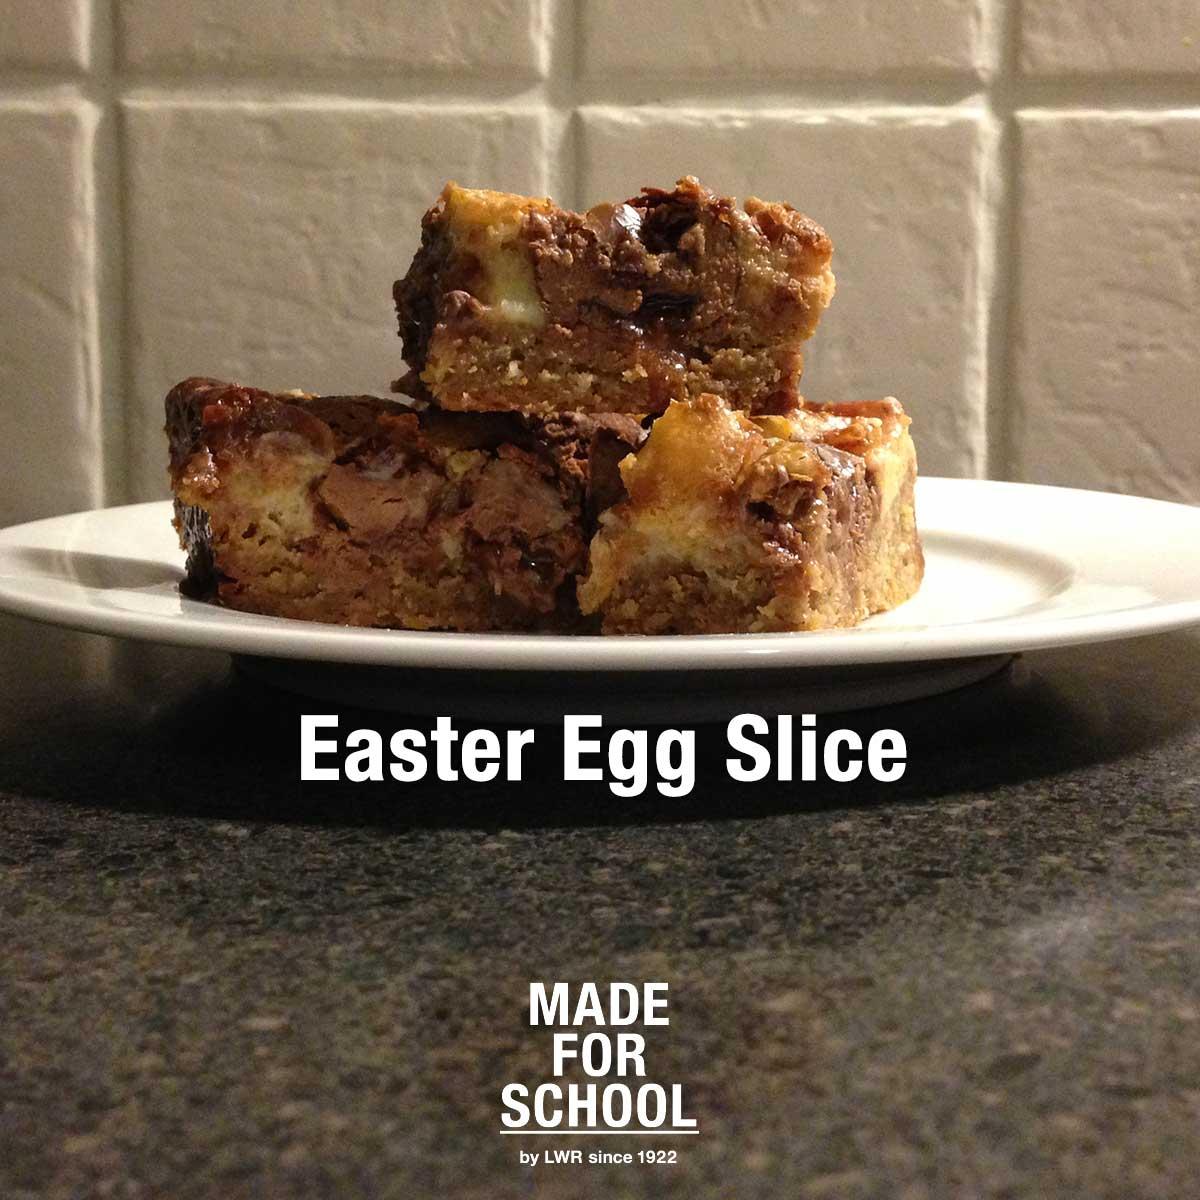 Easter Egg Slice